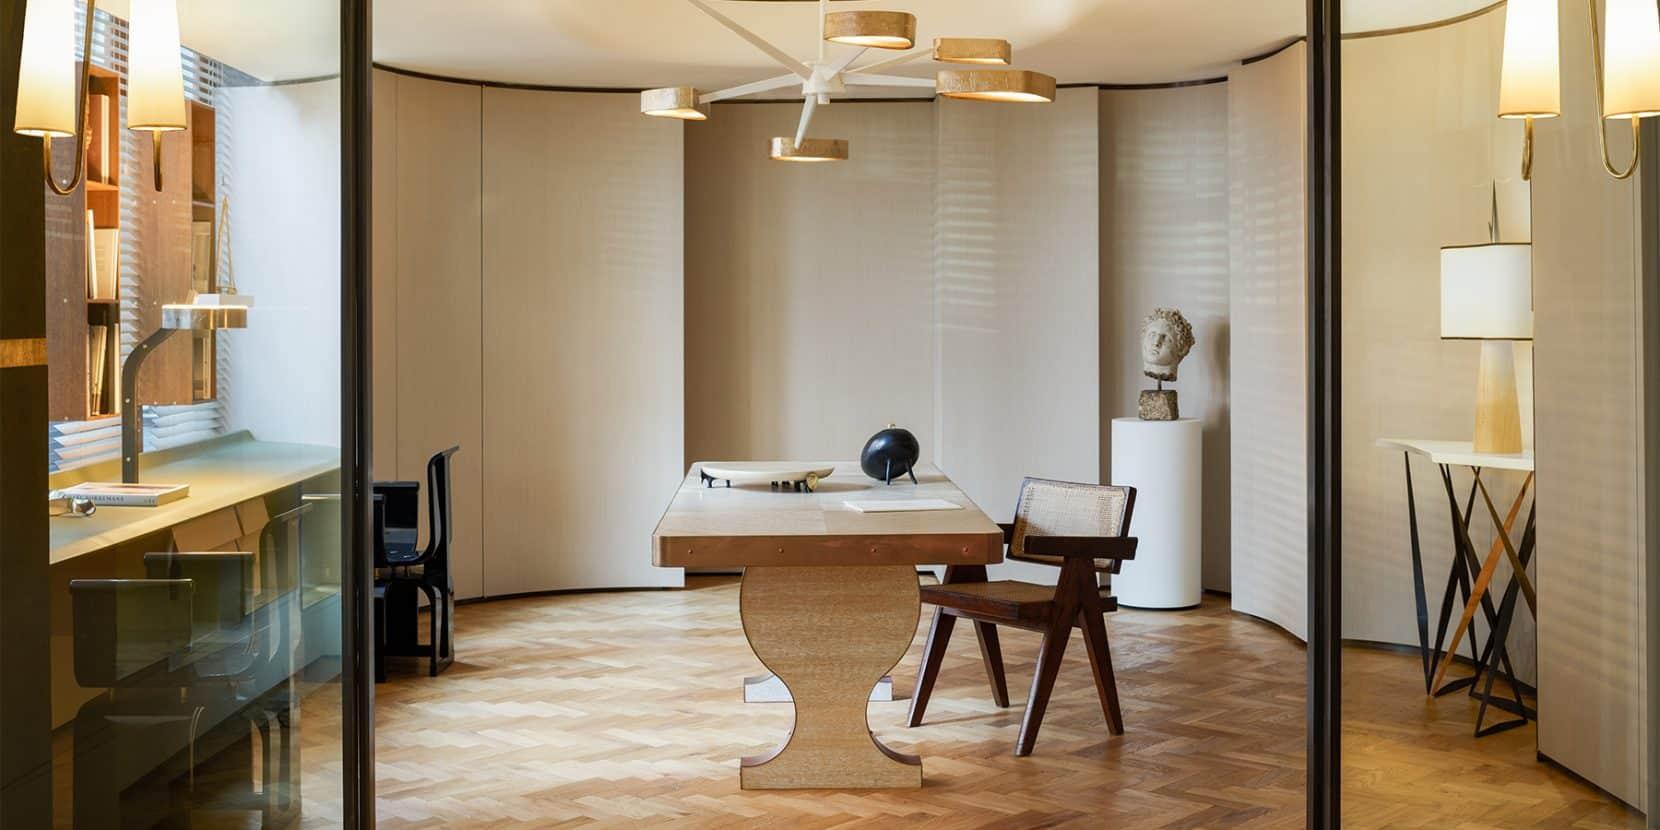 Italian designer Achille Salvagni's London showroom